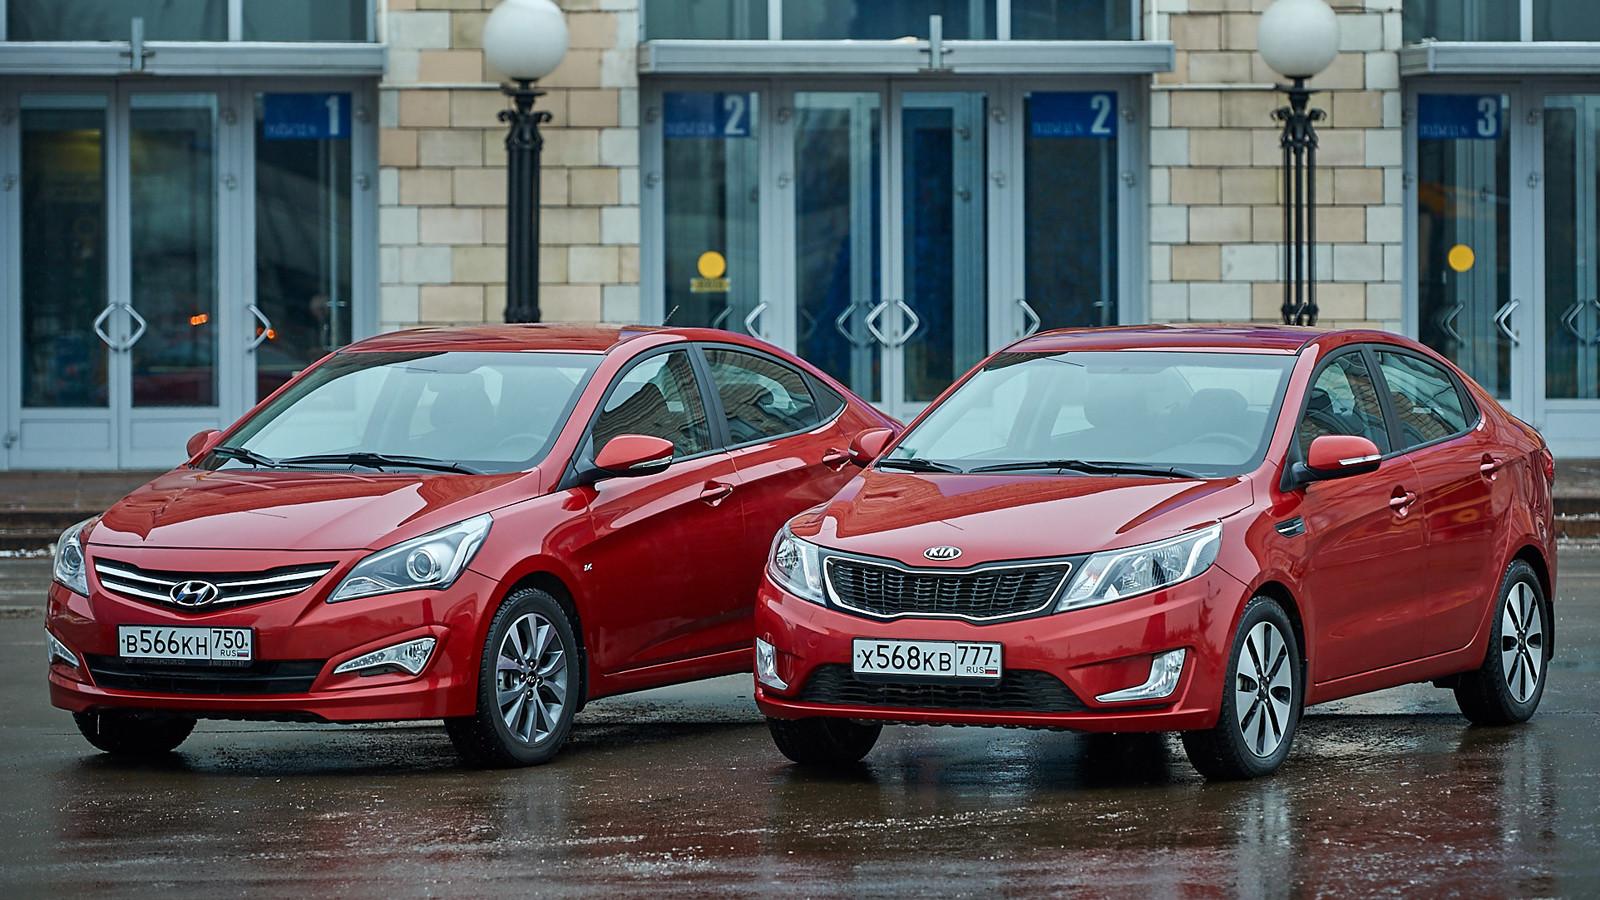 Облодателям автомобиля назаметку: назван список самых угоняемых авто в Российской Федерации